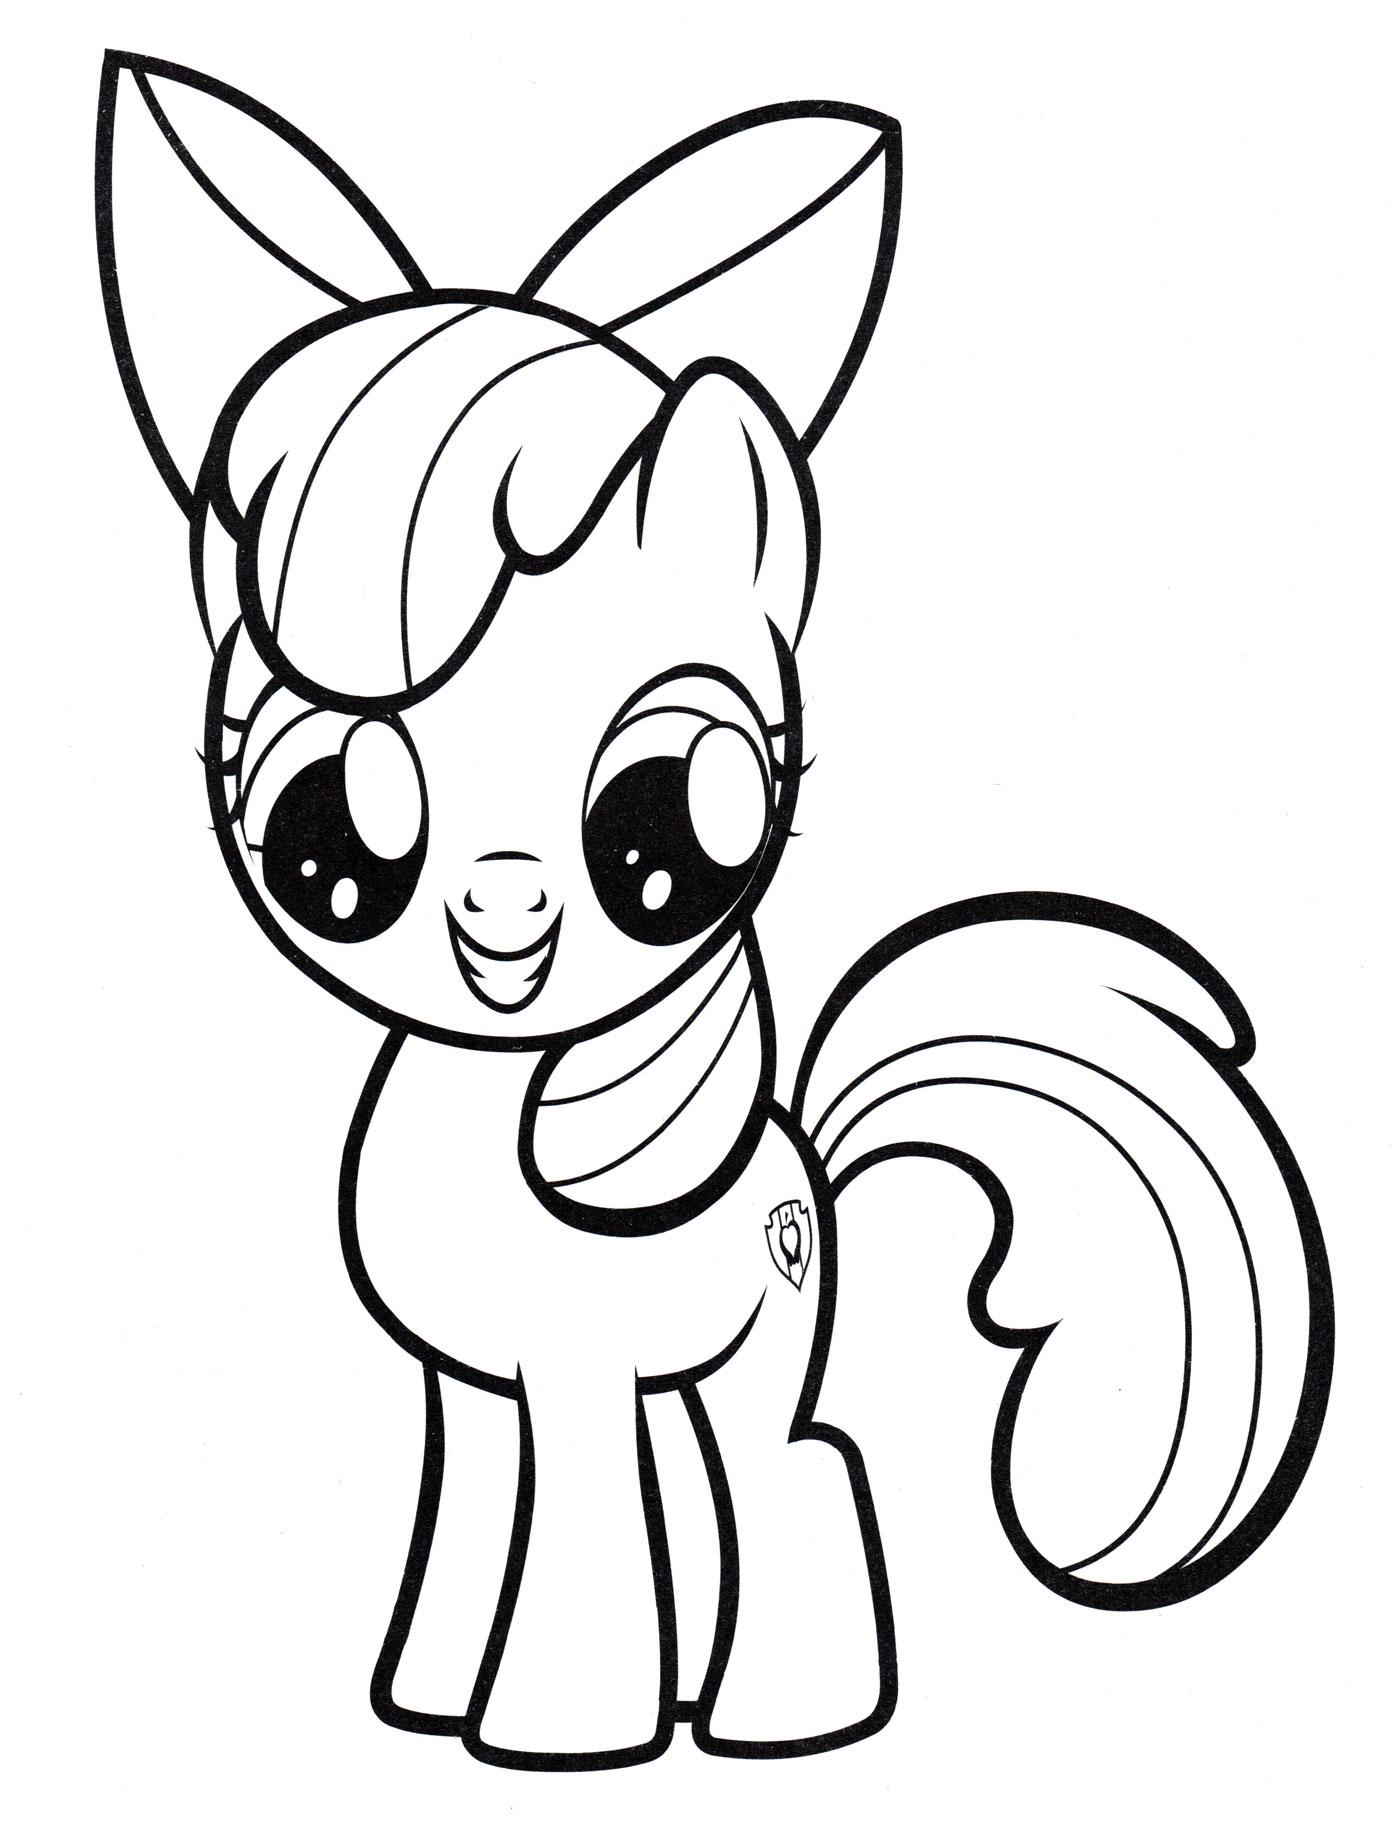 Раскраска Эппл Блум - земная пони - распечатать бесплатно